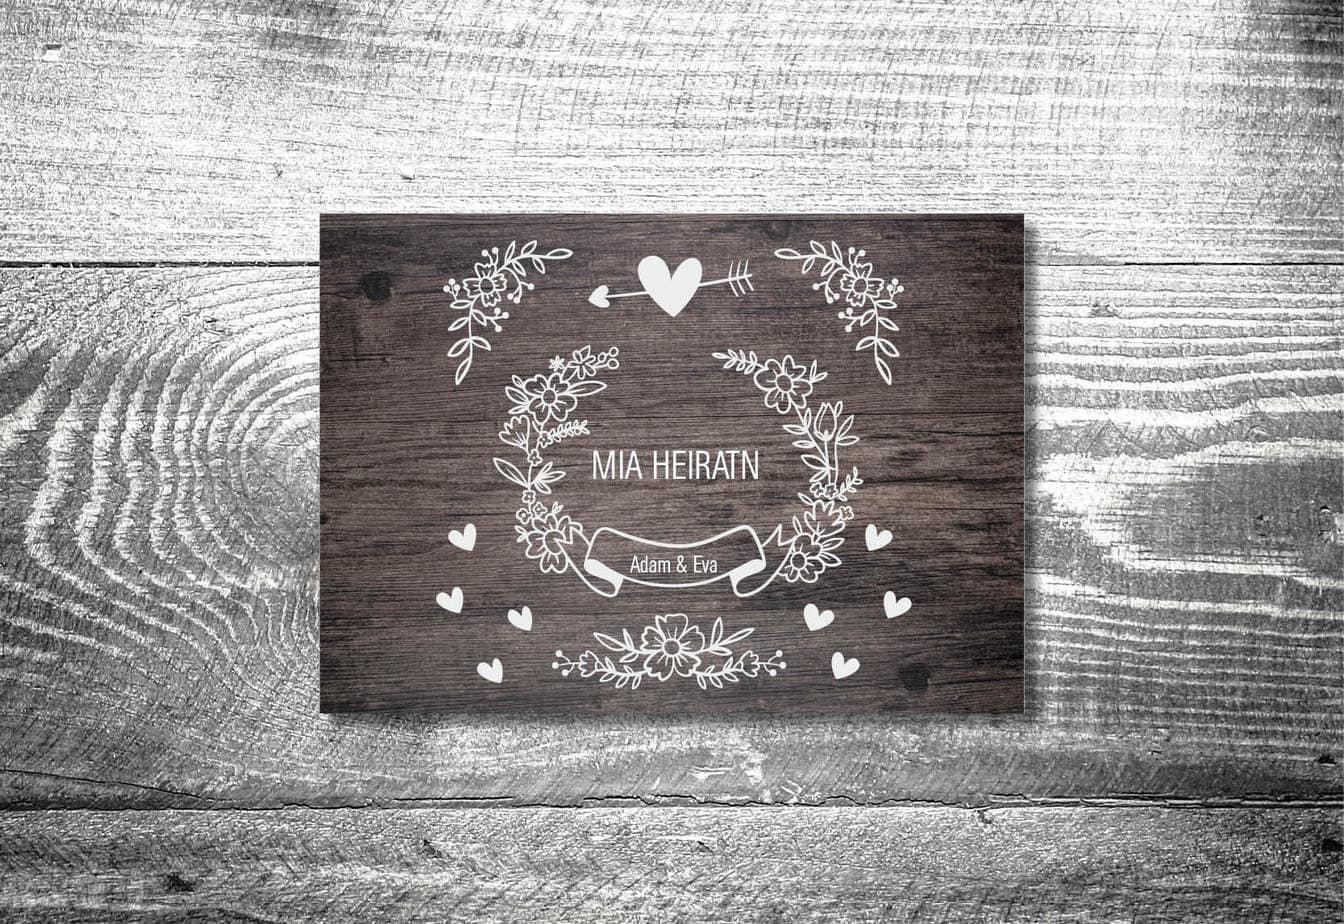 kartlerei karten drucken hochzeitseinladung heiraten bayern bayerisch heimatgefuehl hochzeit32 - Hochzeitskarten Set